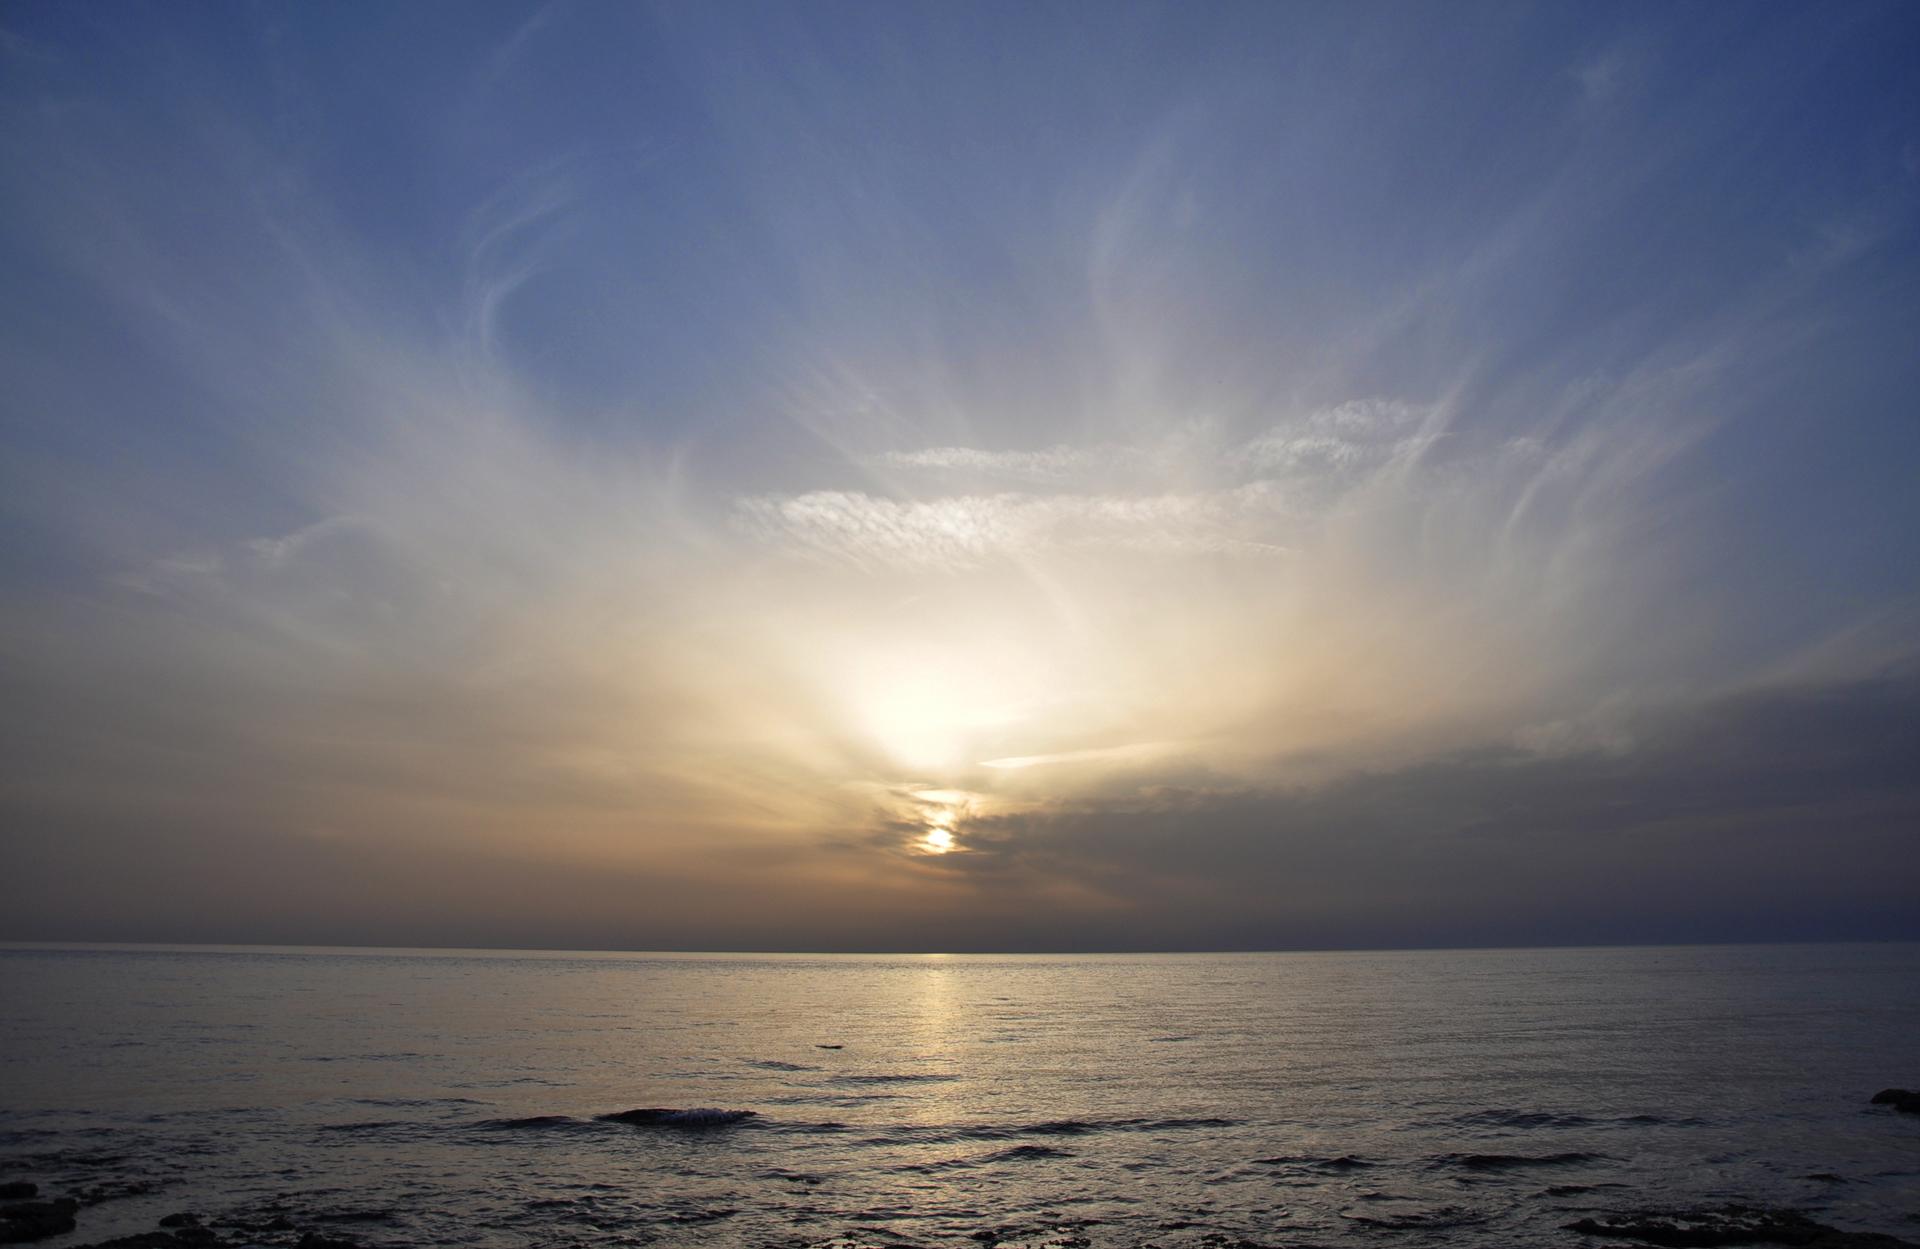 יואל שתרוג - אדמה יוצרת - yoel sitruk - תל אביב -ים - שקיעה - שם מים -